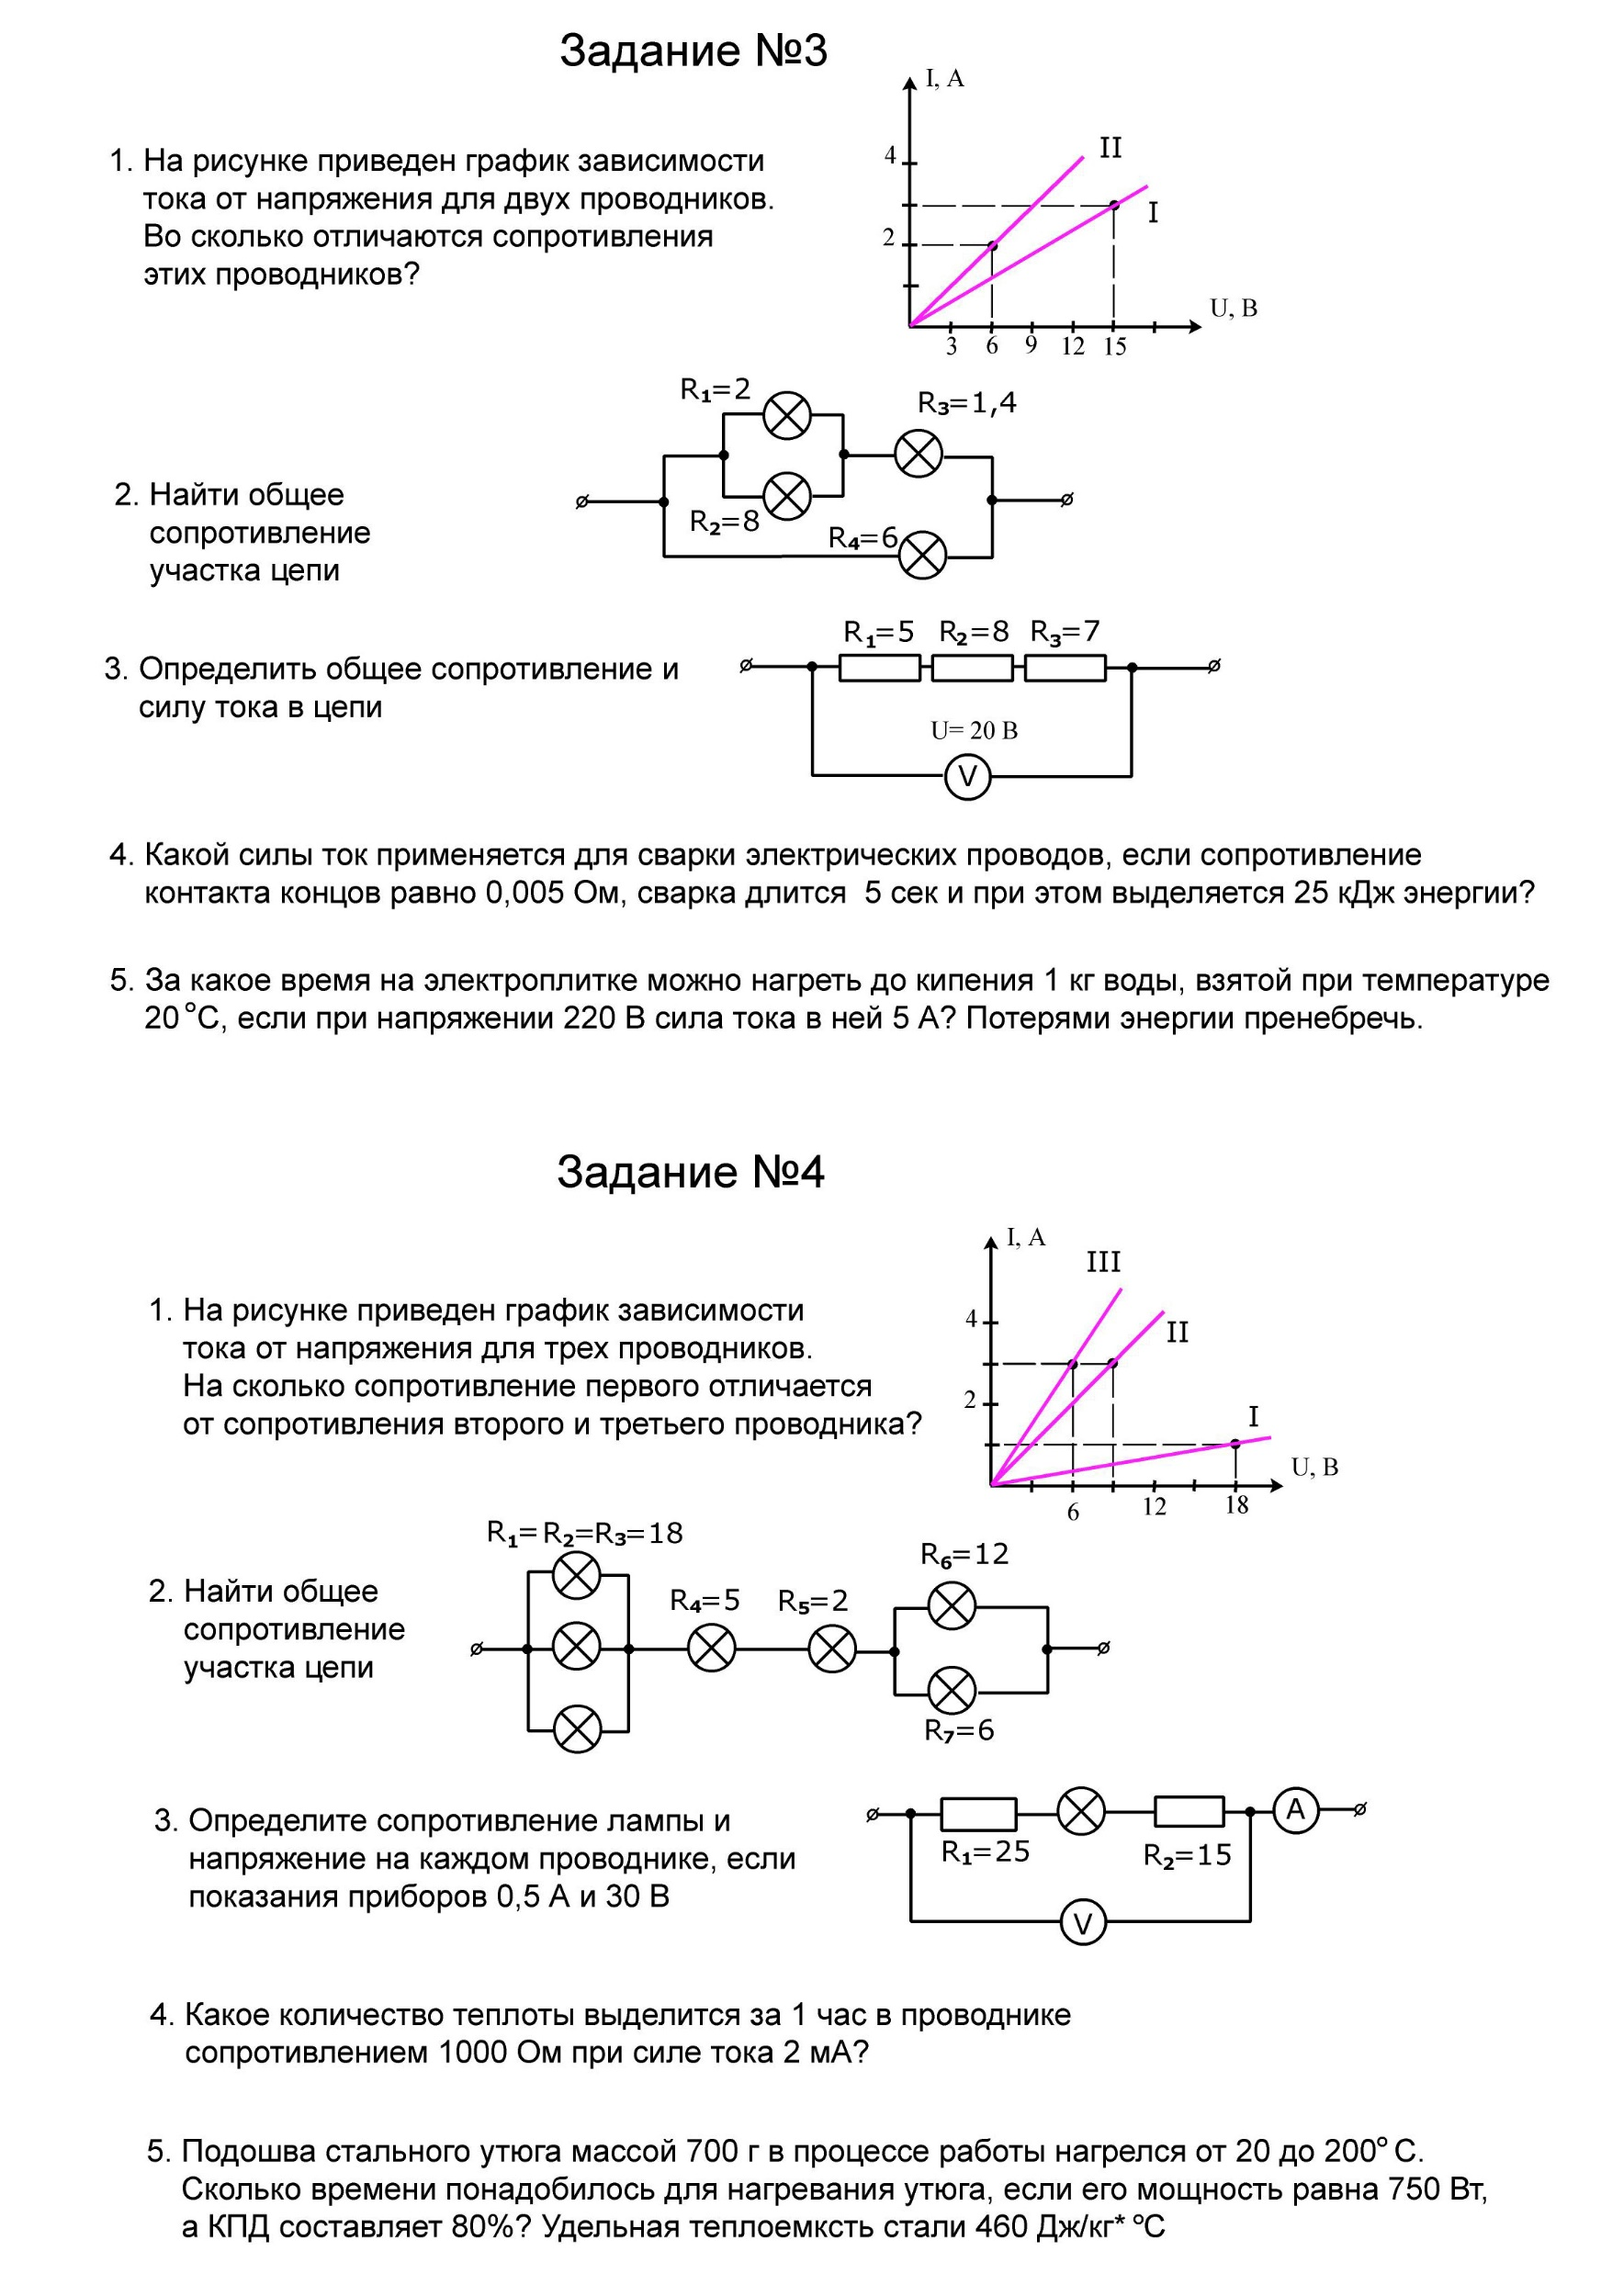 Контрольная работа по физике на тему Постоянный электрический ток  c users leon desktop Задания по физике 1 4 Выбранный для просмотра документ Контрольная работа